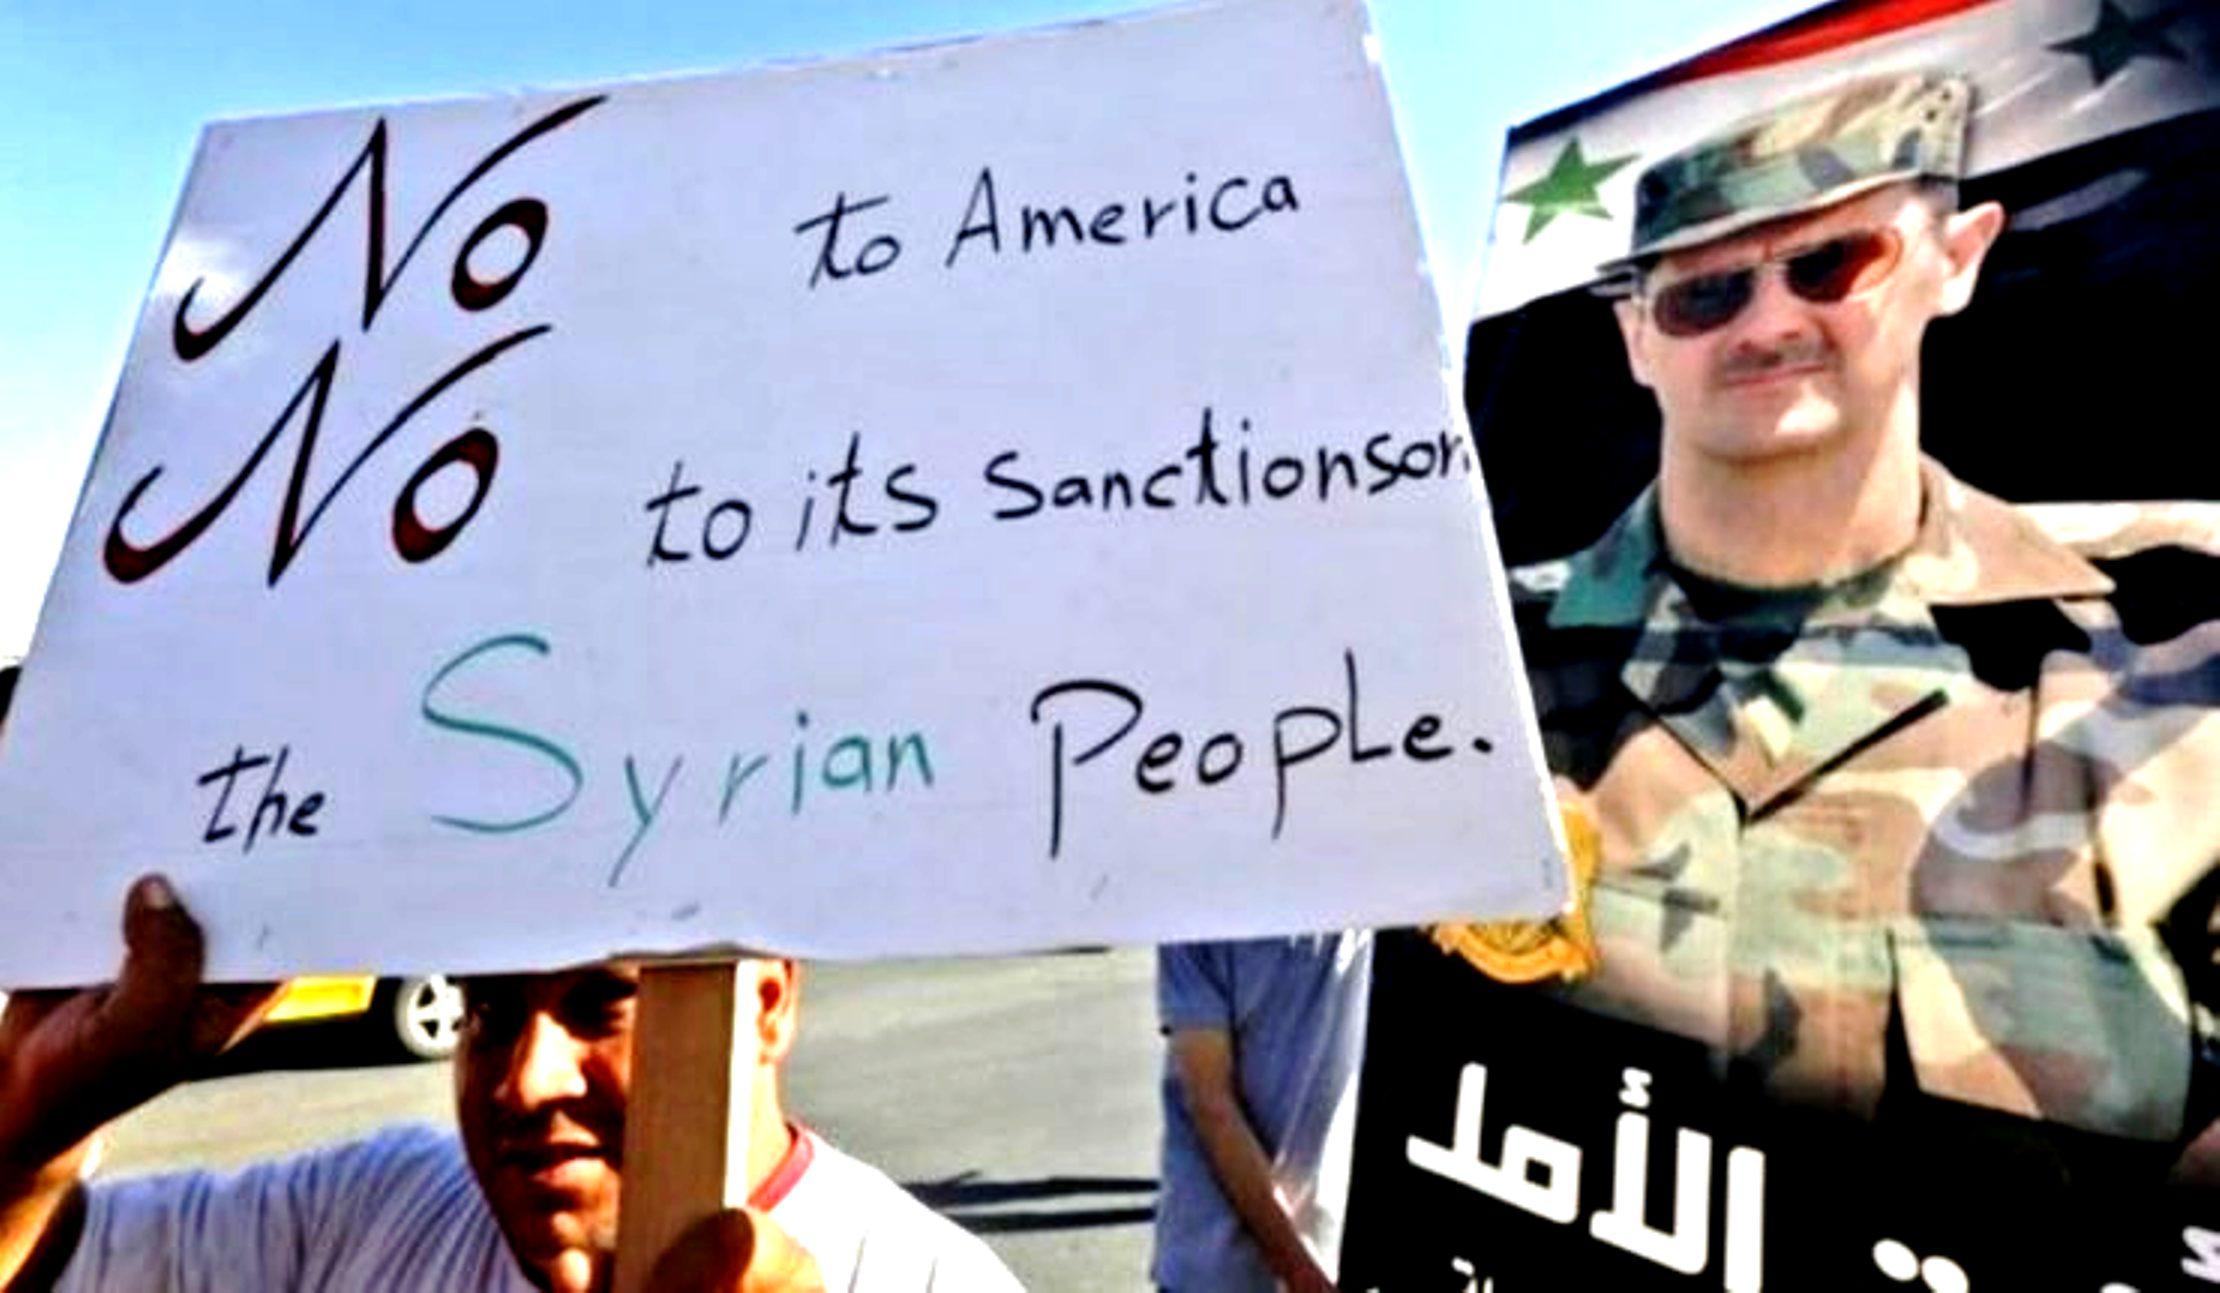 Συρία, Λίβανος: Η σύγκρουση μεταξύ των δύο εξισώσεων: «Να φύγετε ή θα σας σκοτώσουμε» εναντίον «Συνθηκολογήστε ή θα σας σκοτώσουμε»